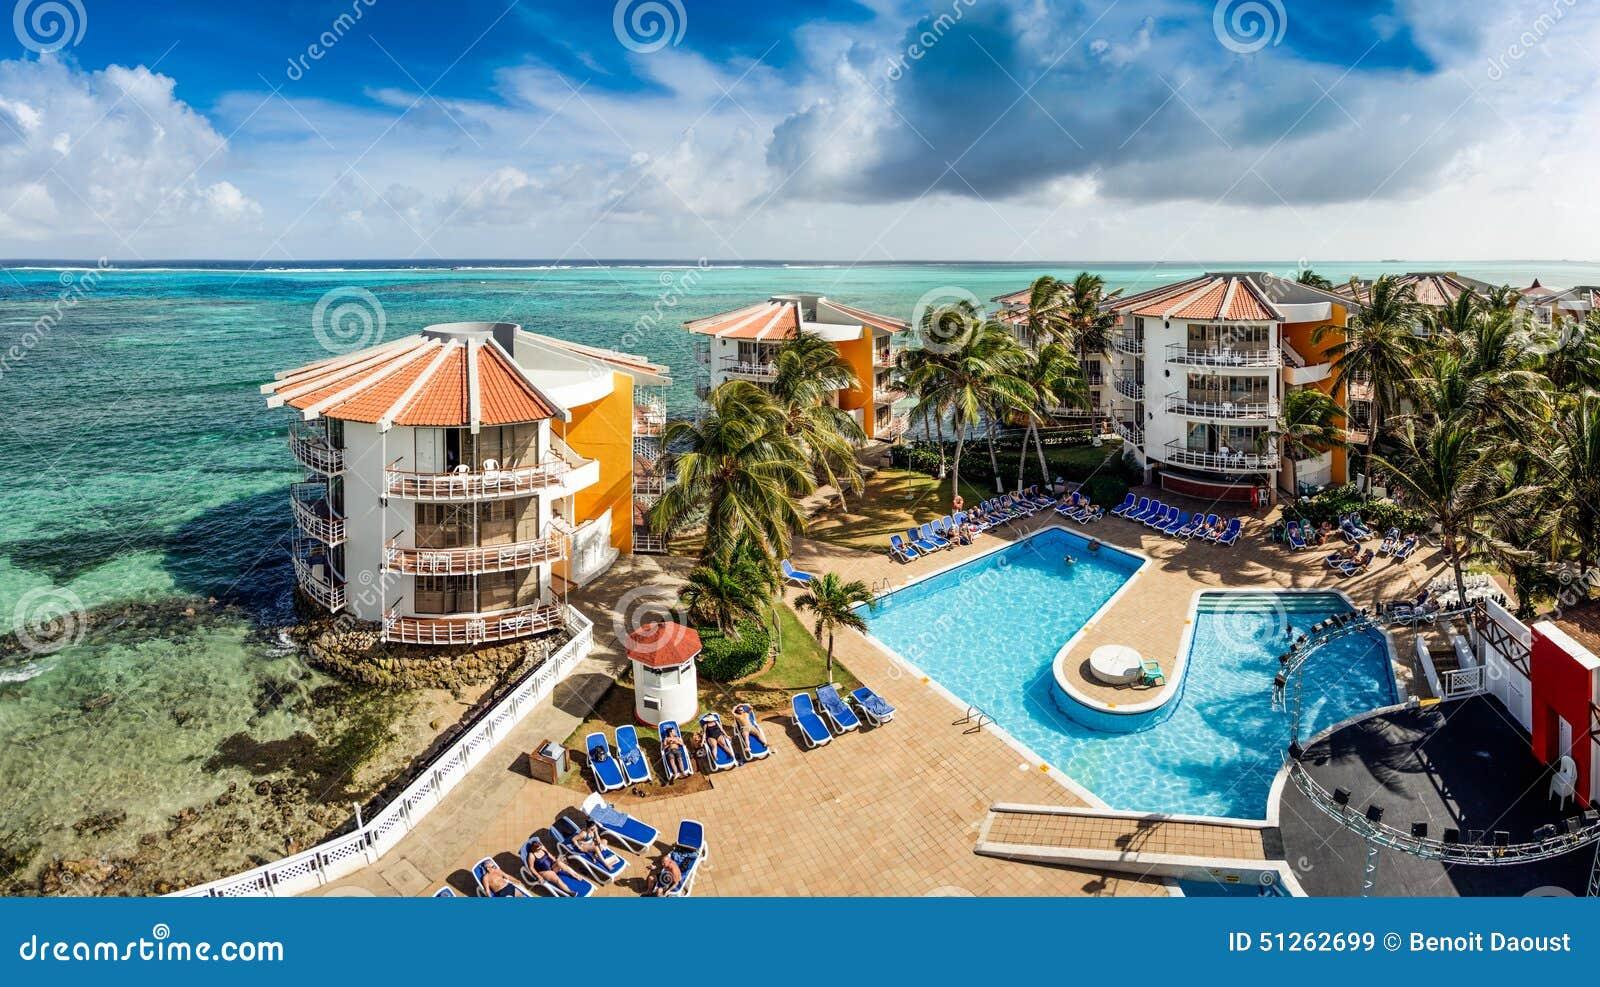 Decameron aquarium hotel in san andres island editorial - El colmao de san andres ...